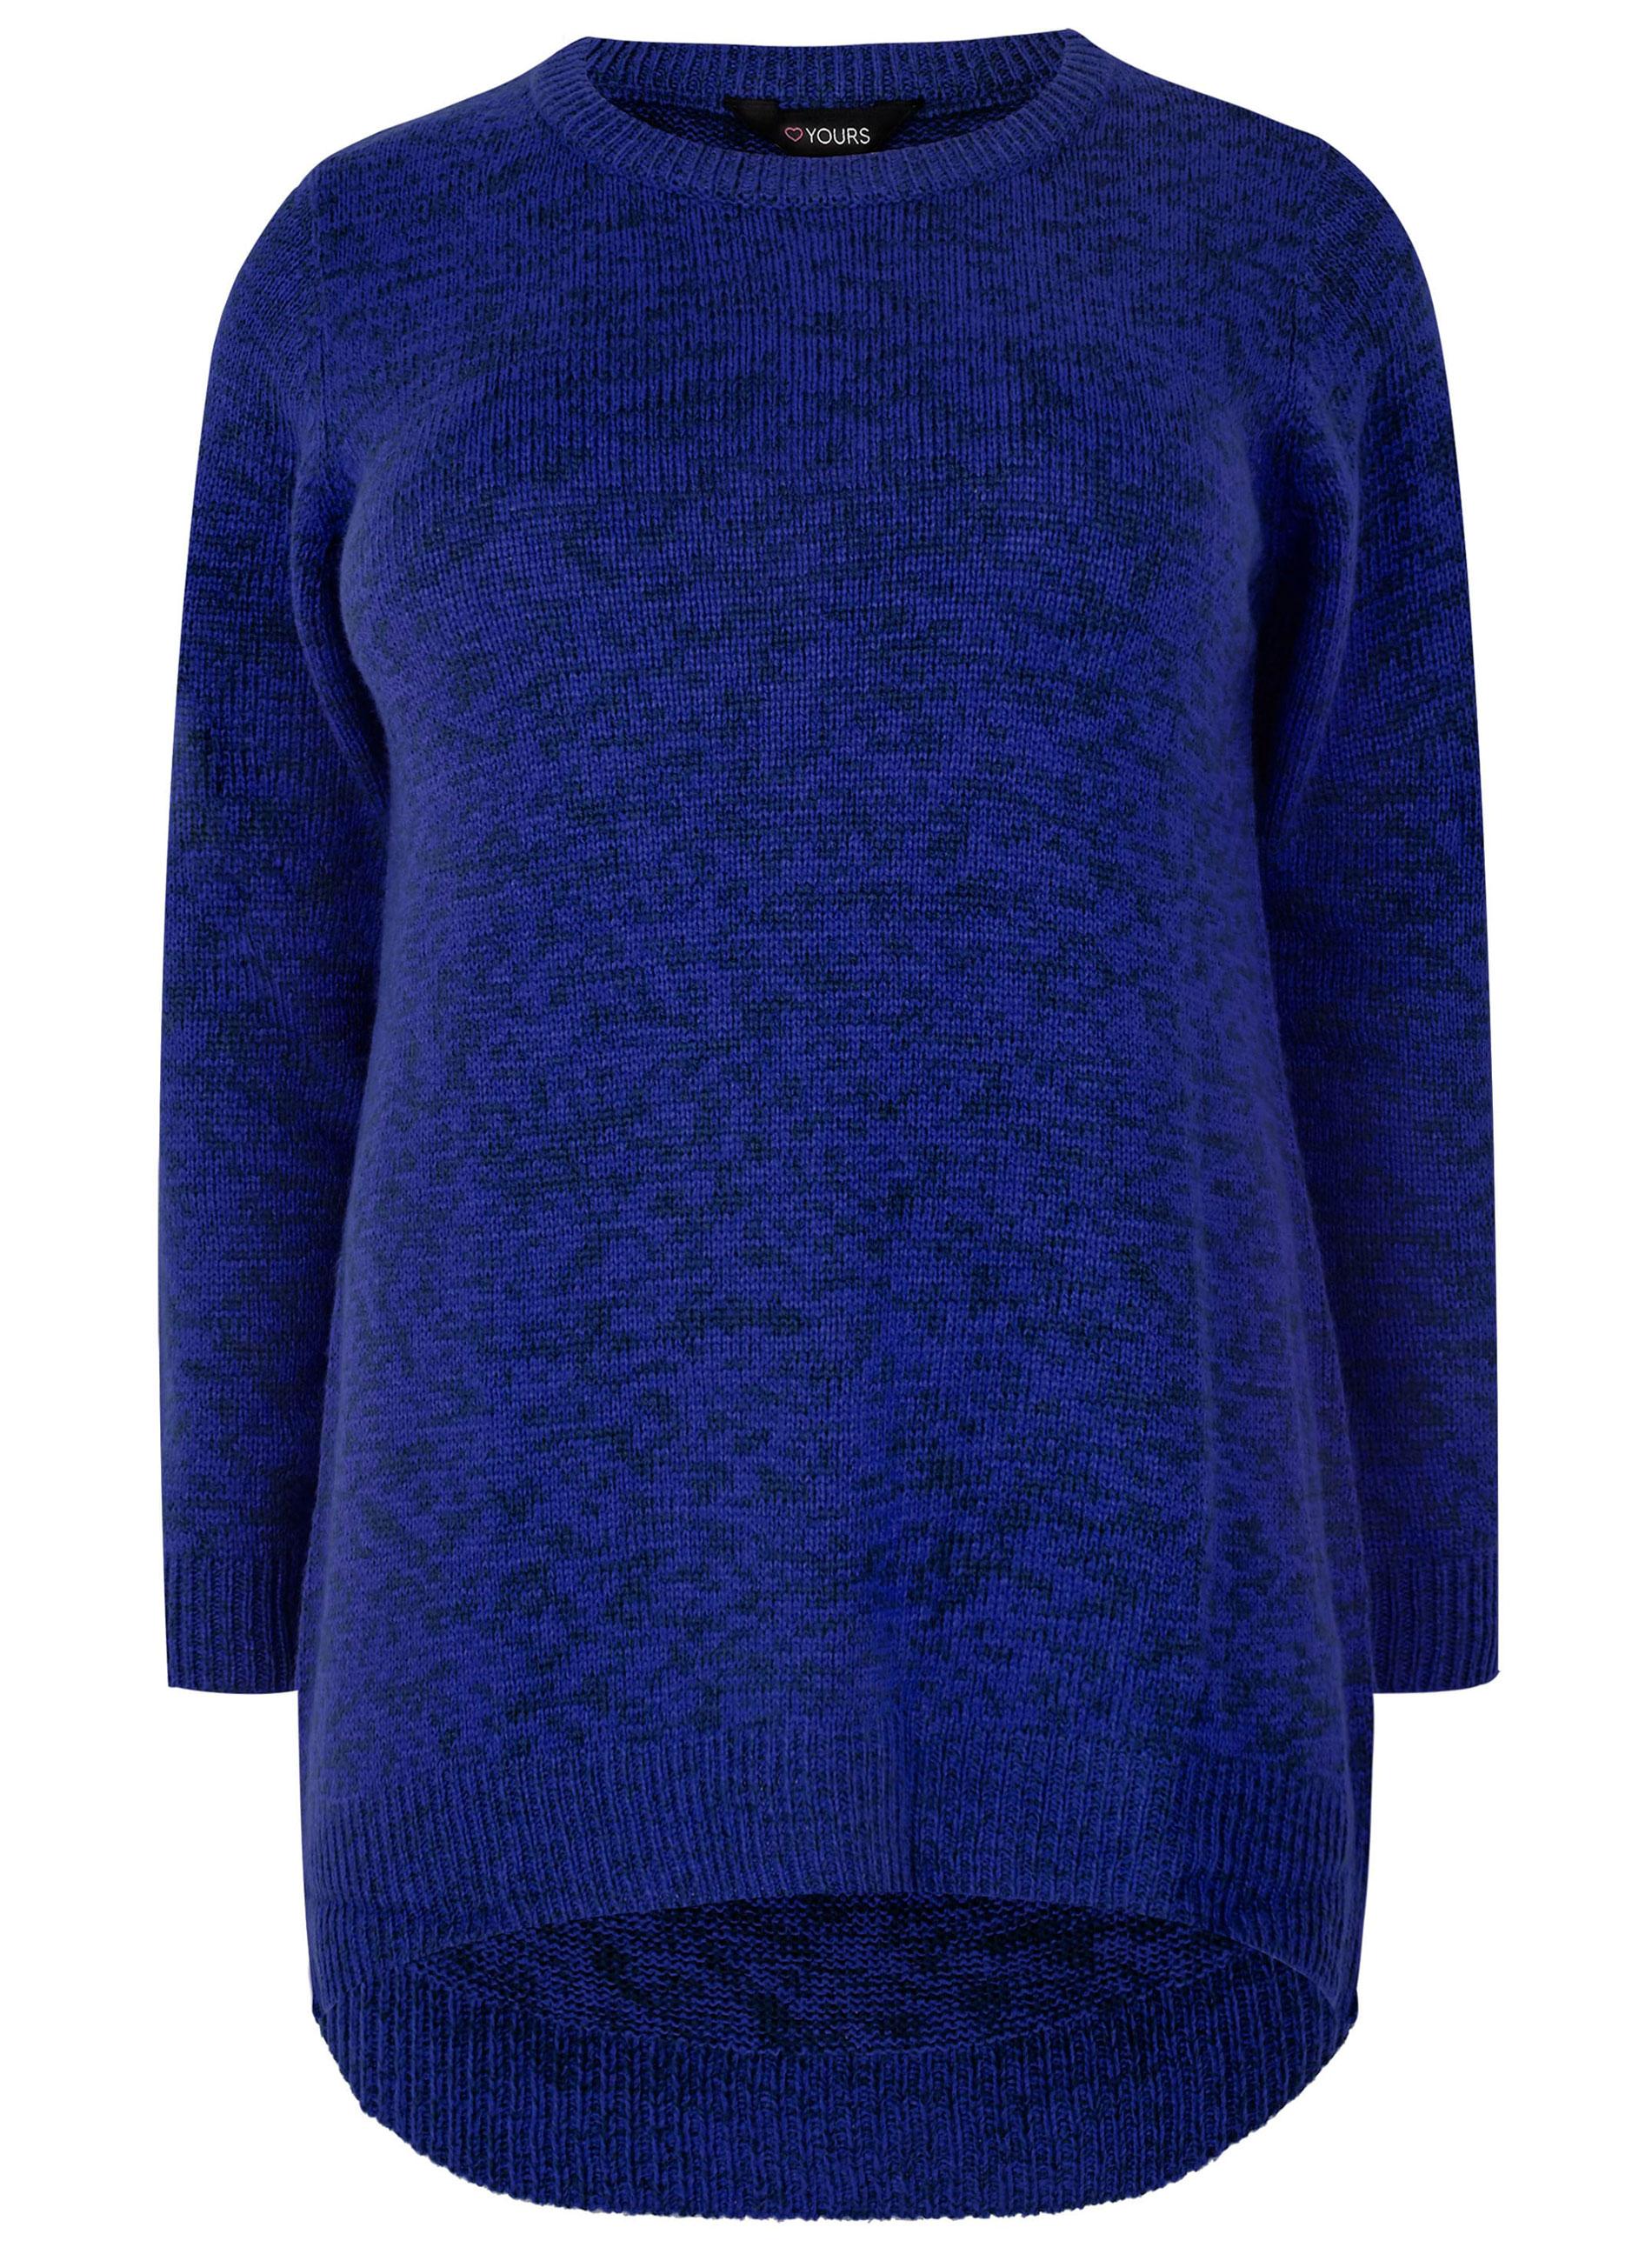 8266b4bad616 ΠΡΟΣΦΟΡΕΣ    ΜΠΛΟΥΖΕΣ    Μπλούζα Πλεκτή σε Μαύρο-Μπλε Χρώμα - Μόδα ...